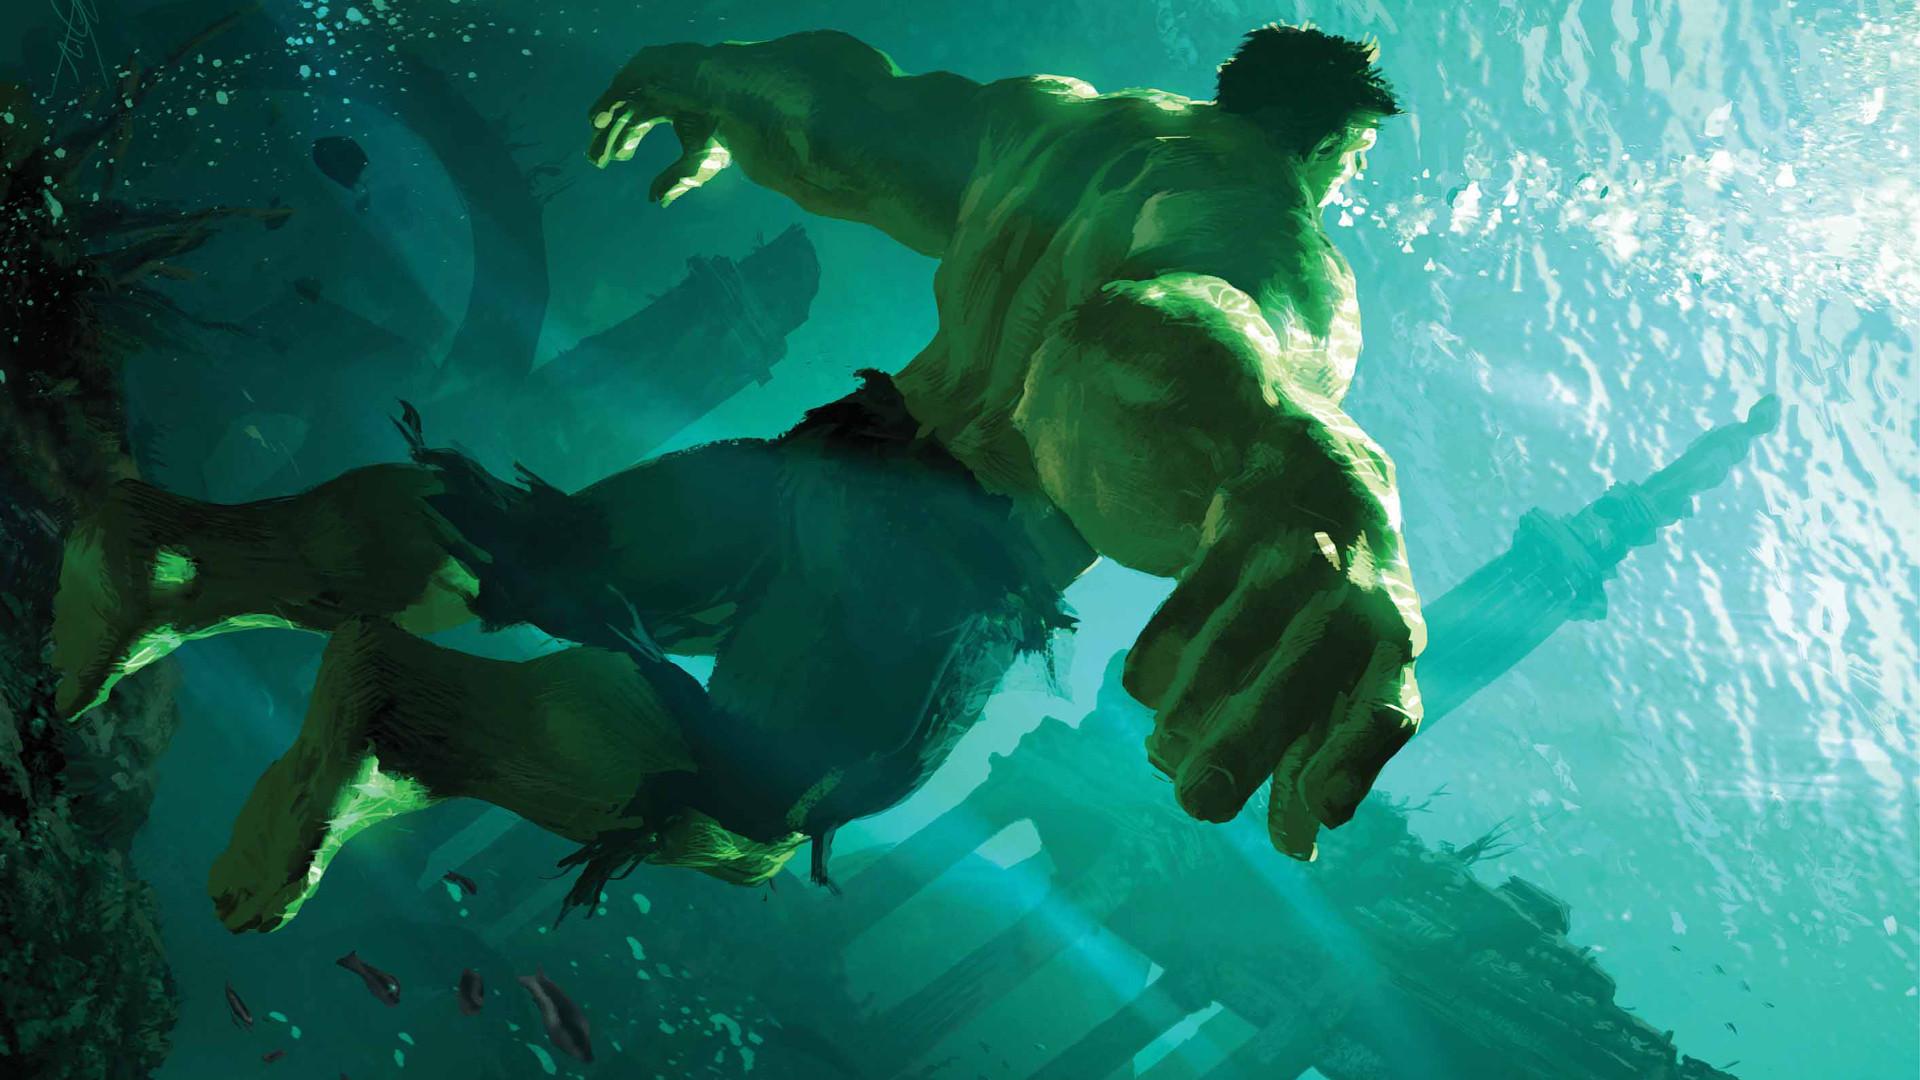 Hulk Wallpapers HD | PixelsTalk.Net